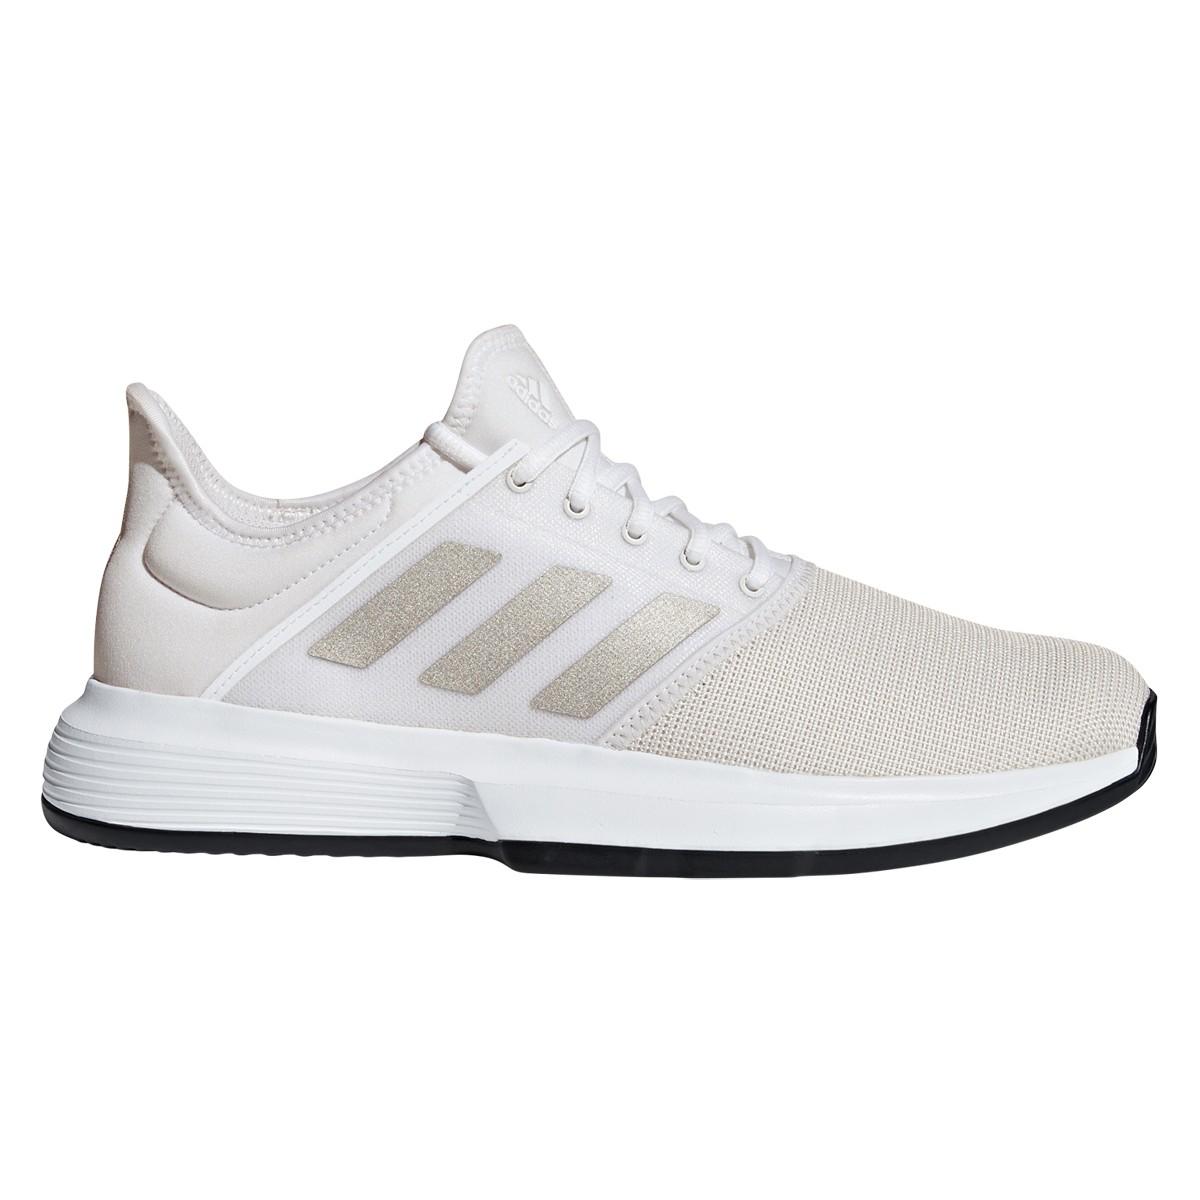 Chaussures Toutes SurfacesTennispro Adidas Gamecourt QhstrdC